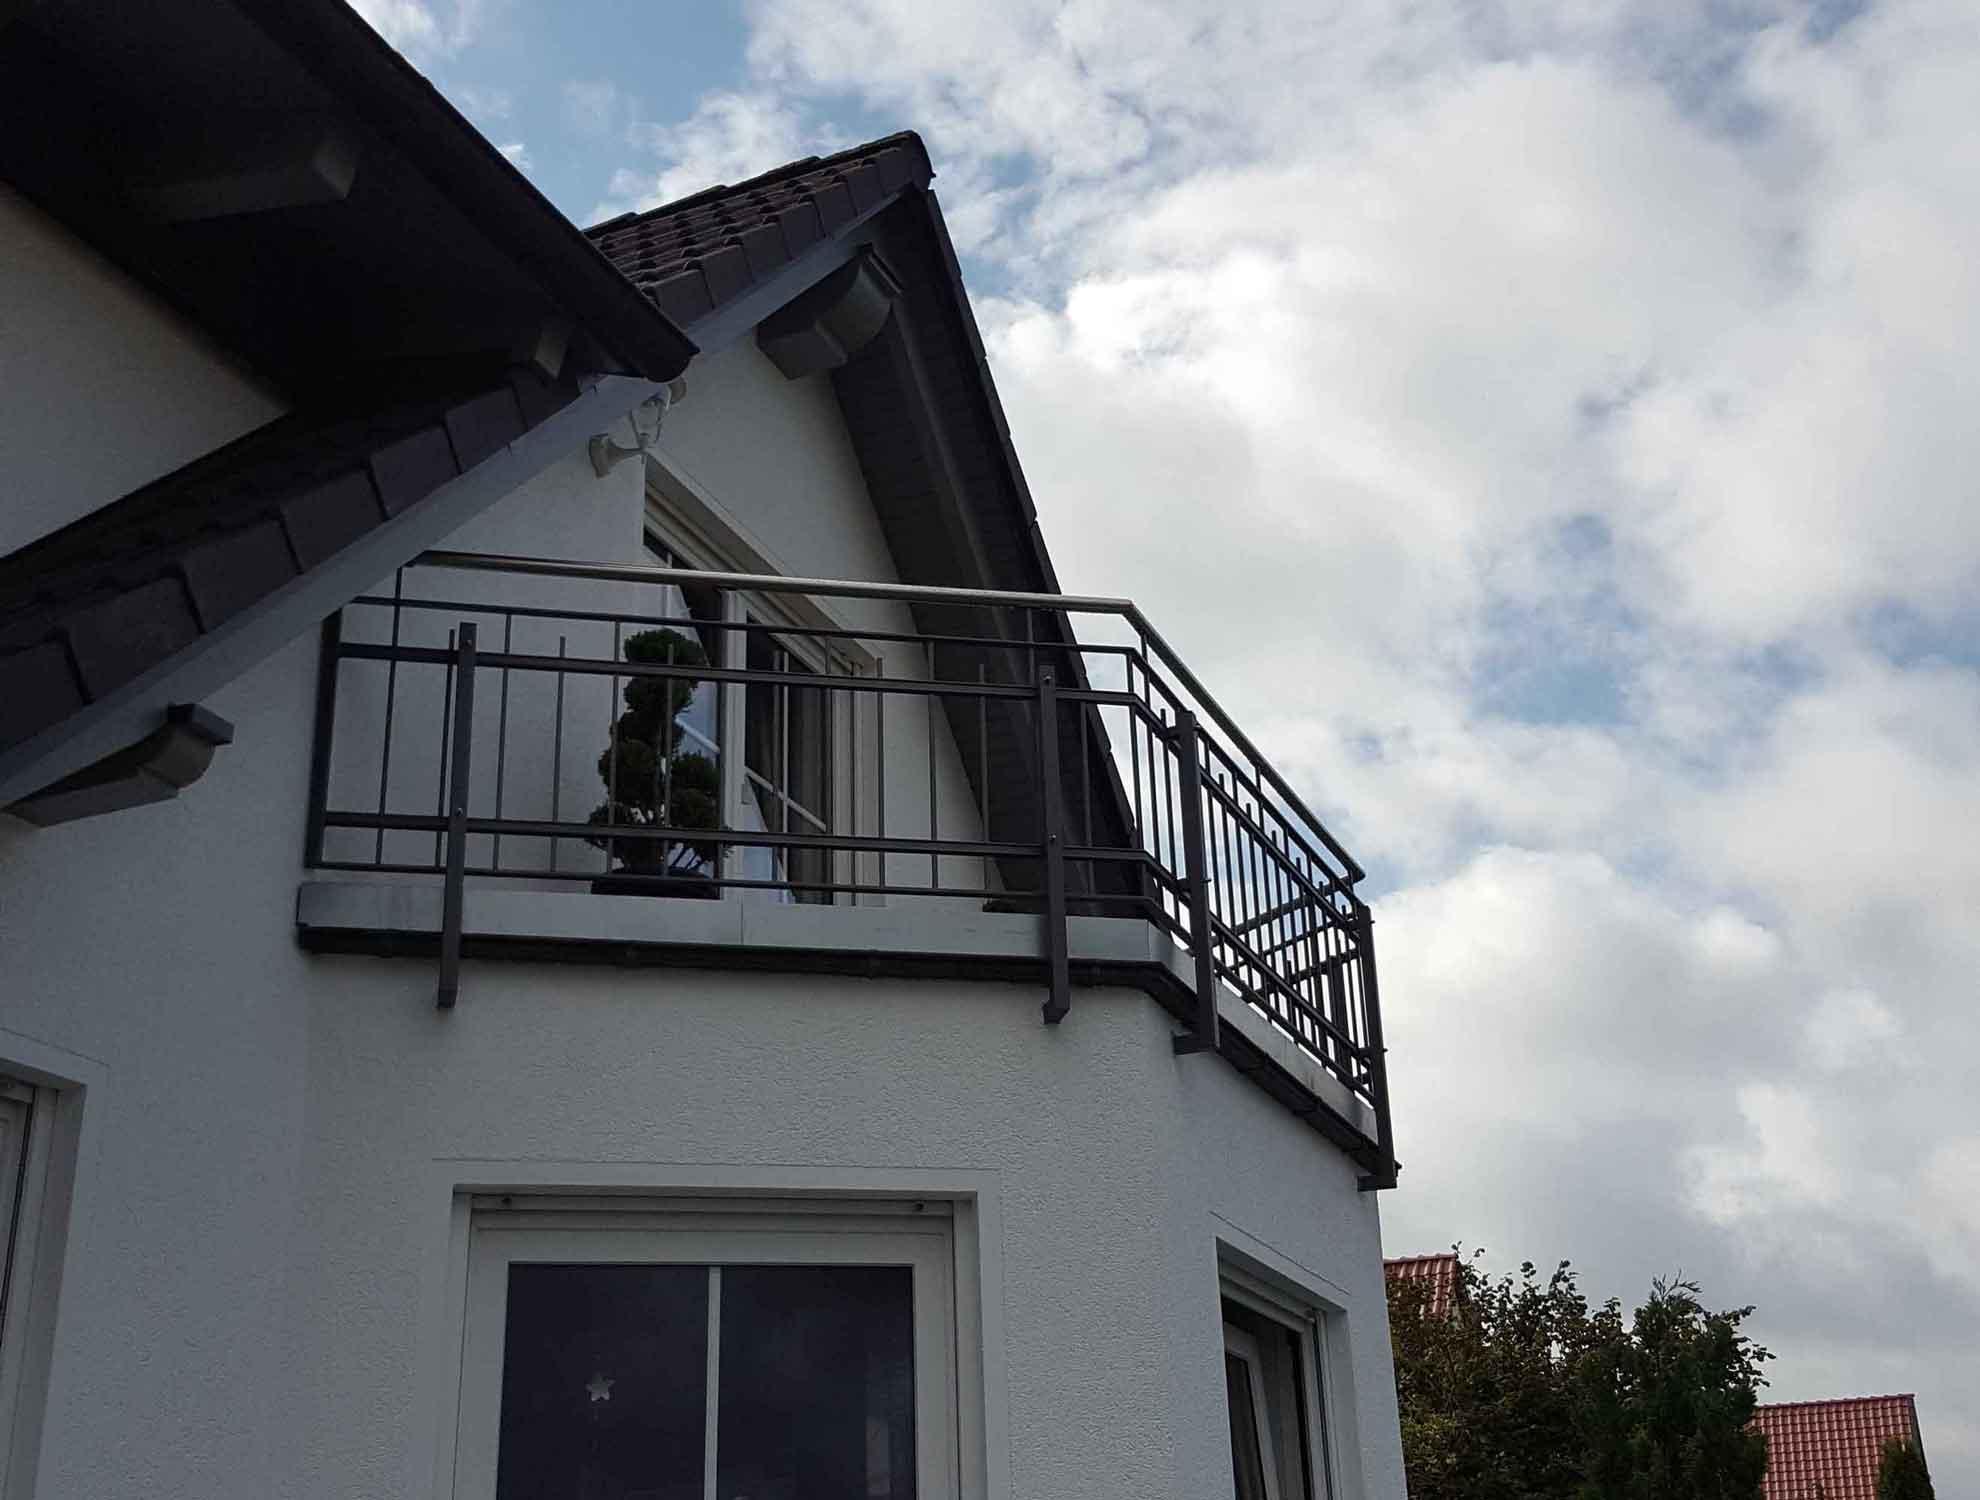 Hirsch Metallbau Balkongeländer 037 - Balkongeländer-37